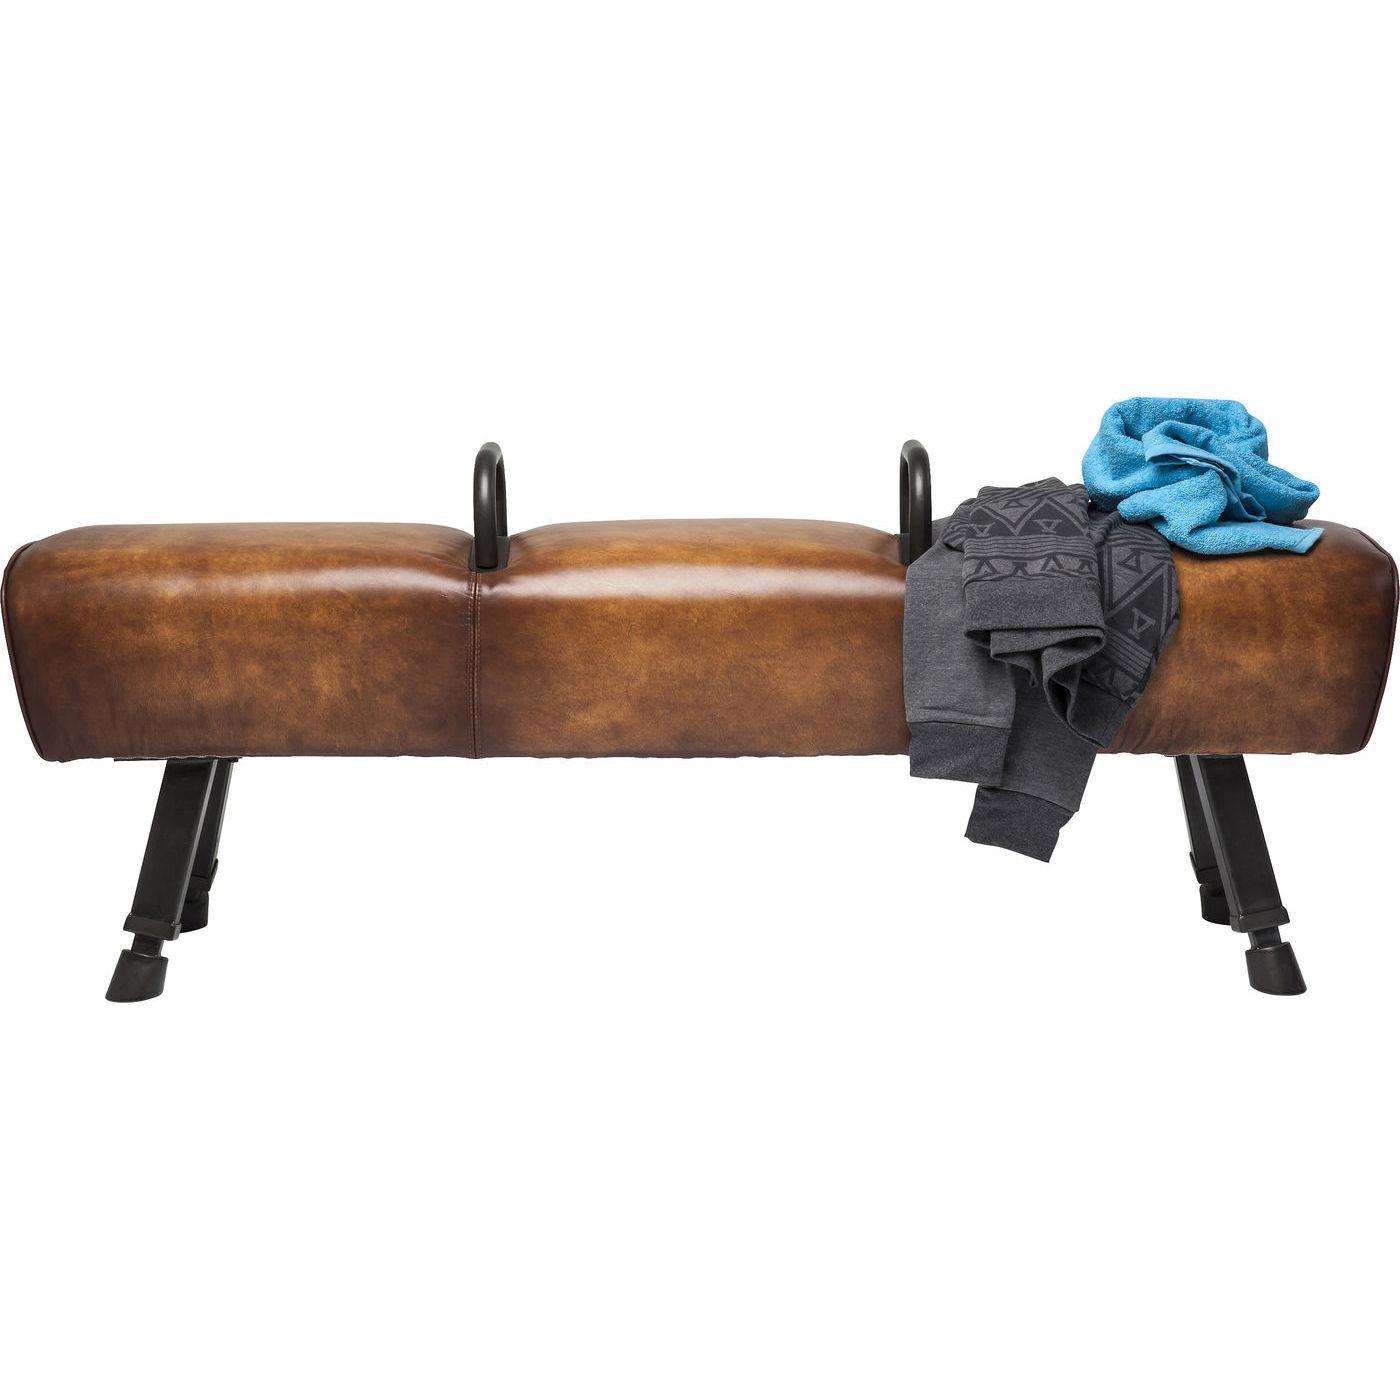 Kare design gym gabby bænk - brunt koskind og stål (153cm) fra kare design på boboonline.dk